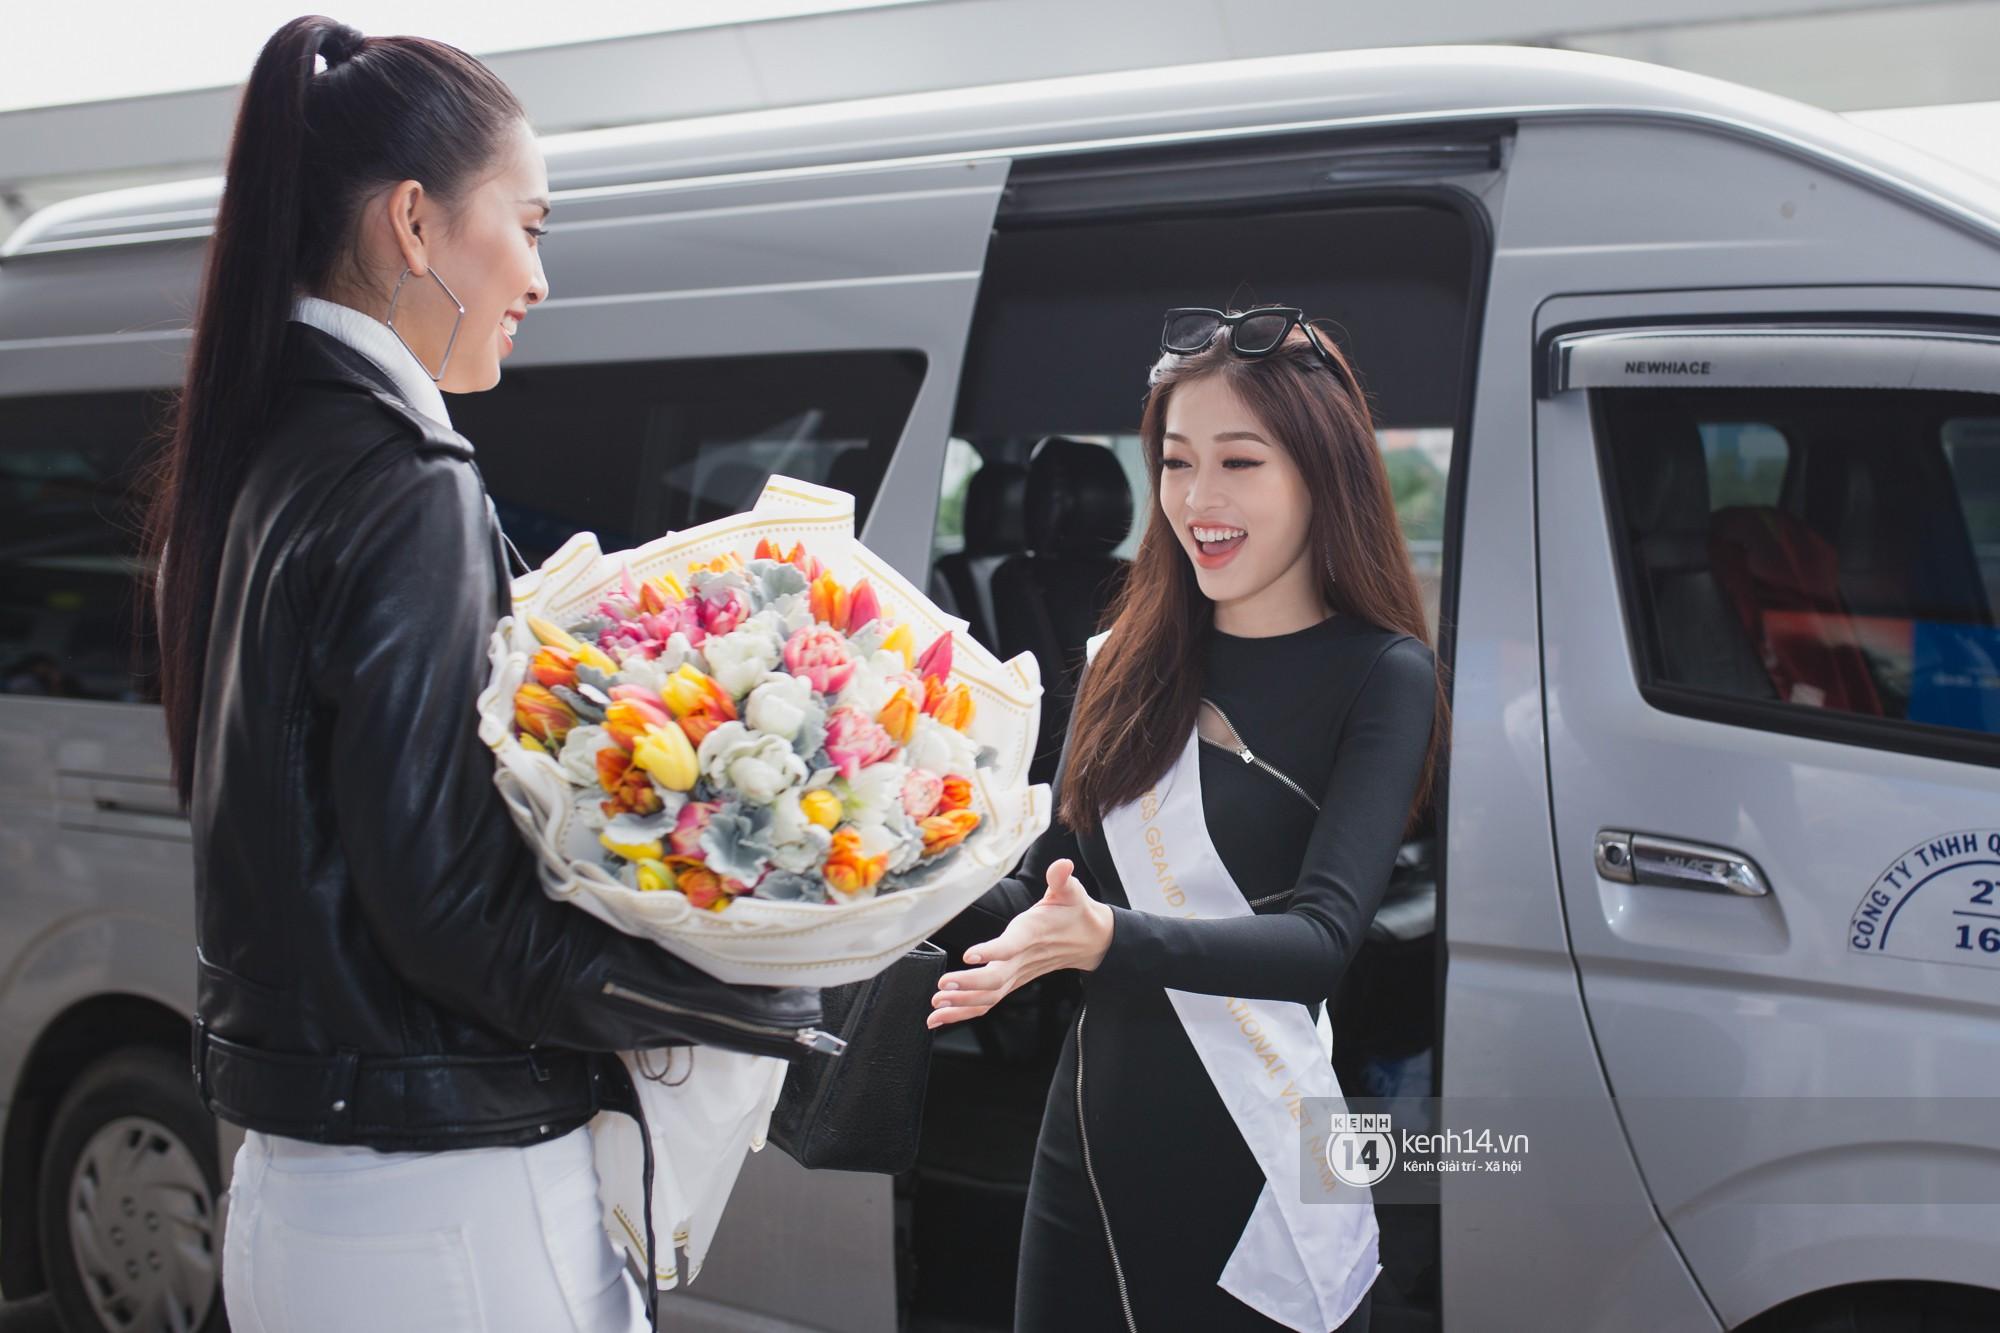 Vừa trở về từ Pháp tức thì, Trần Tiểu Vy ở lại sân bay tiễn Bùi Phương Nga đi Myanmar tham dự Hoa hậu Hoà bình Quốc tế - Ảnh 8.